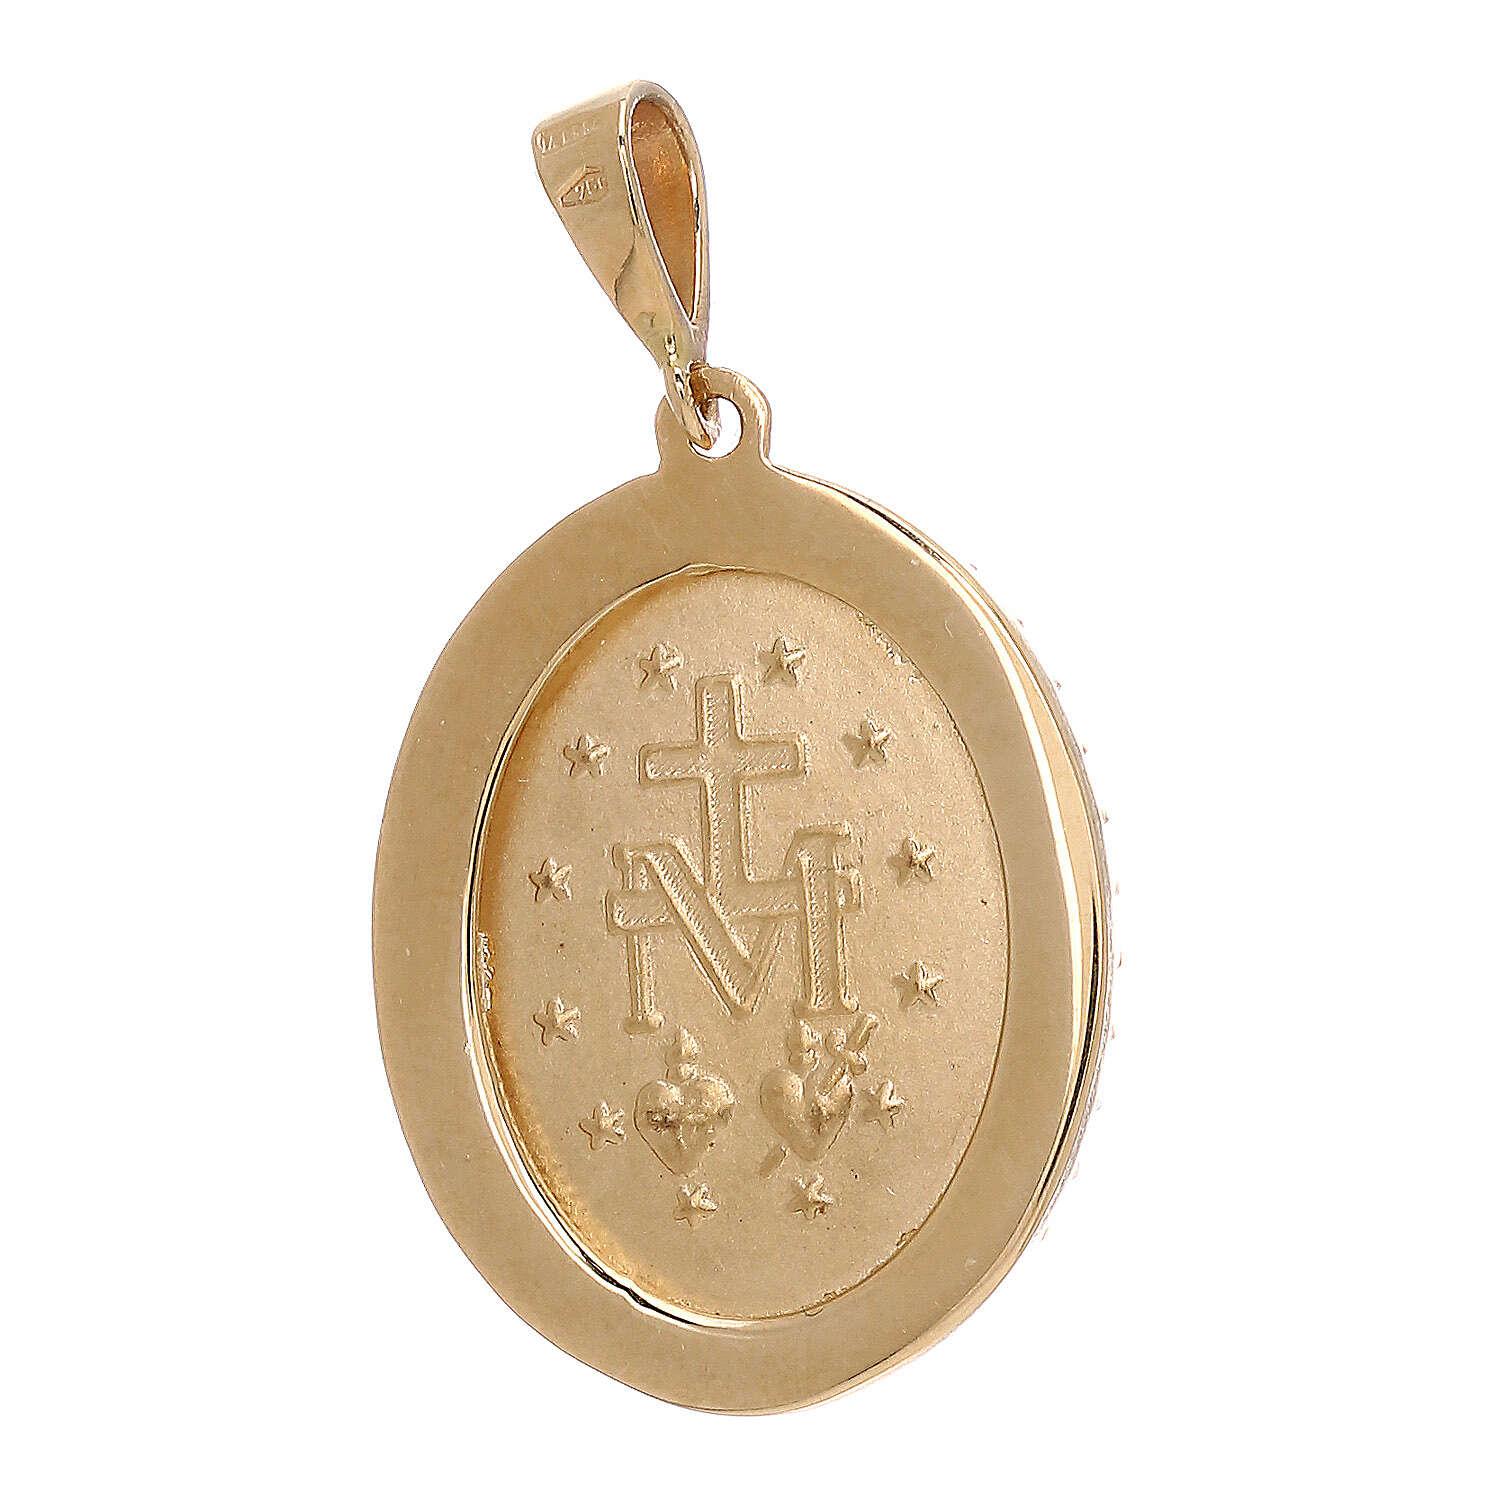 Colgante Medalla Milagrosa oro 18 quilates Swarovski azules 3,5 gramos 4